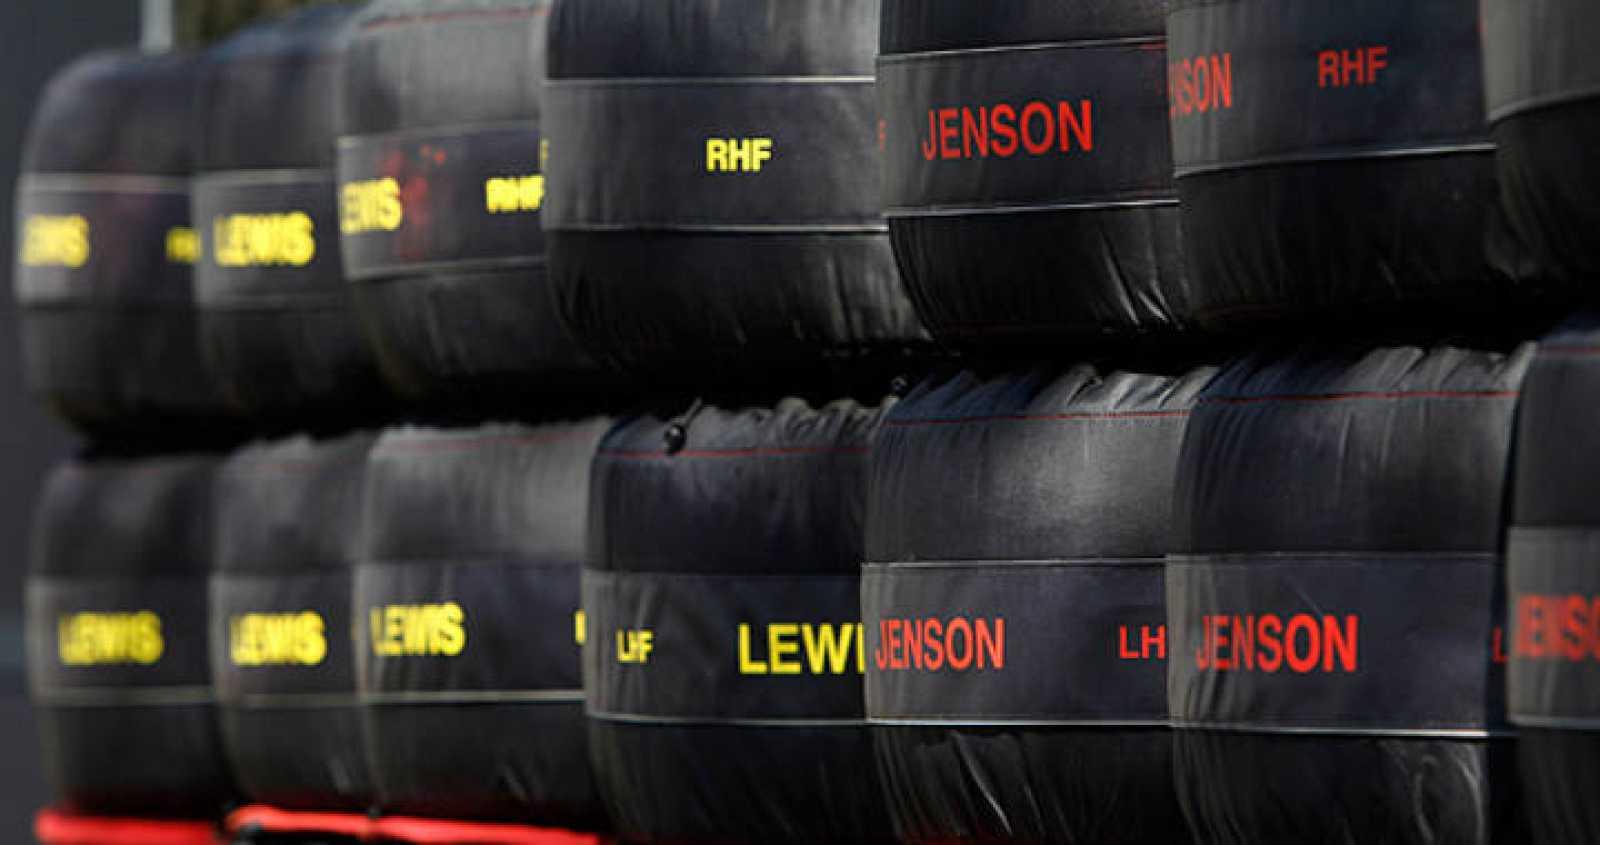 Imagen de los neumáticos de los pilotos de McLaren Lewis Hamilton y Jenson Button en su garaje del circuito australiano de Albert Park.